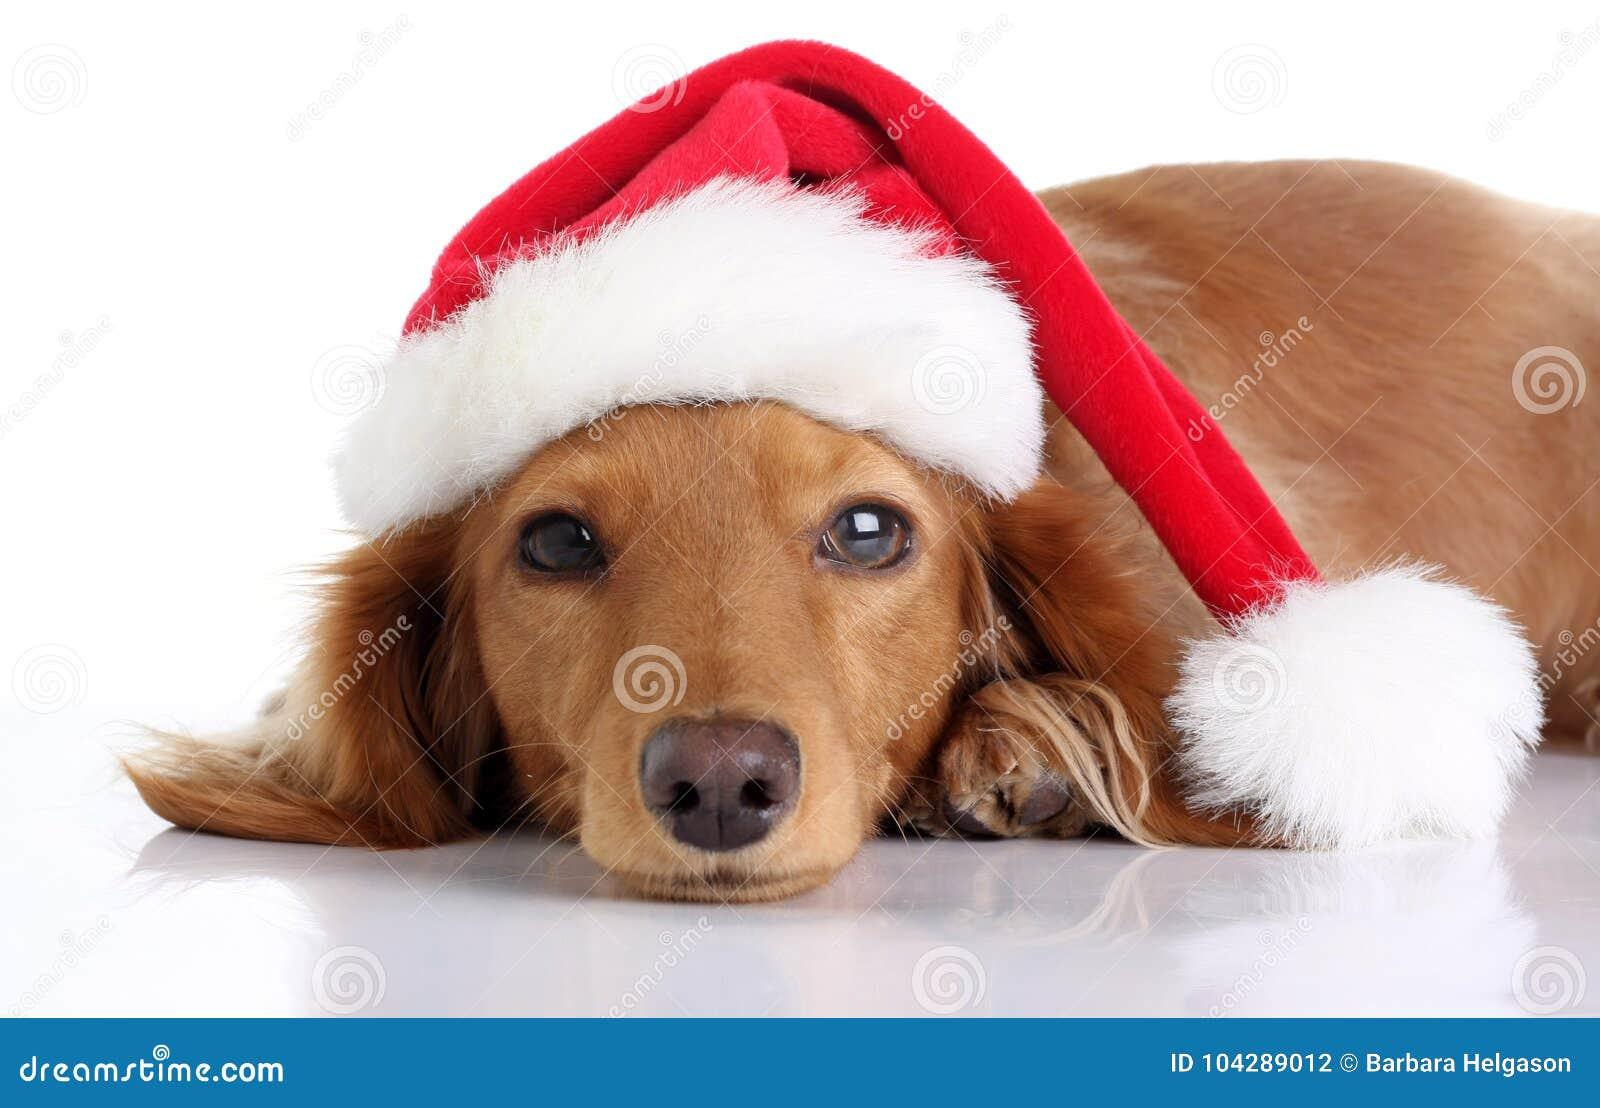 Perrito del perro basset que lleva el sombrero de Papá Noel